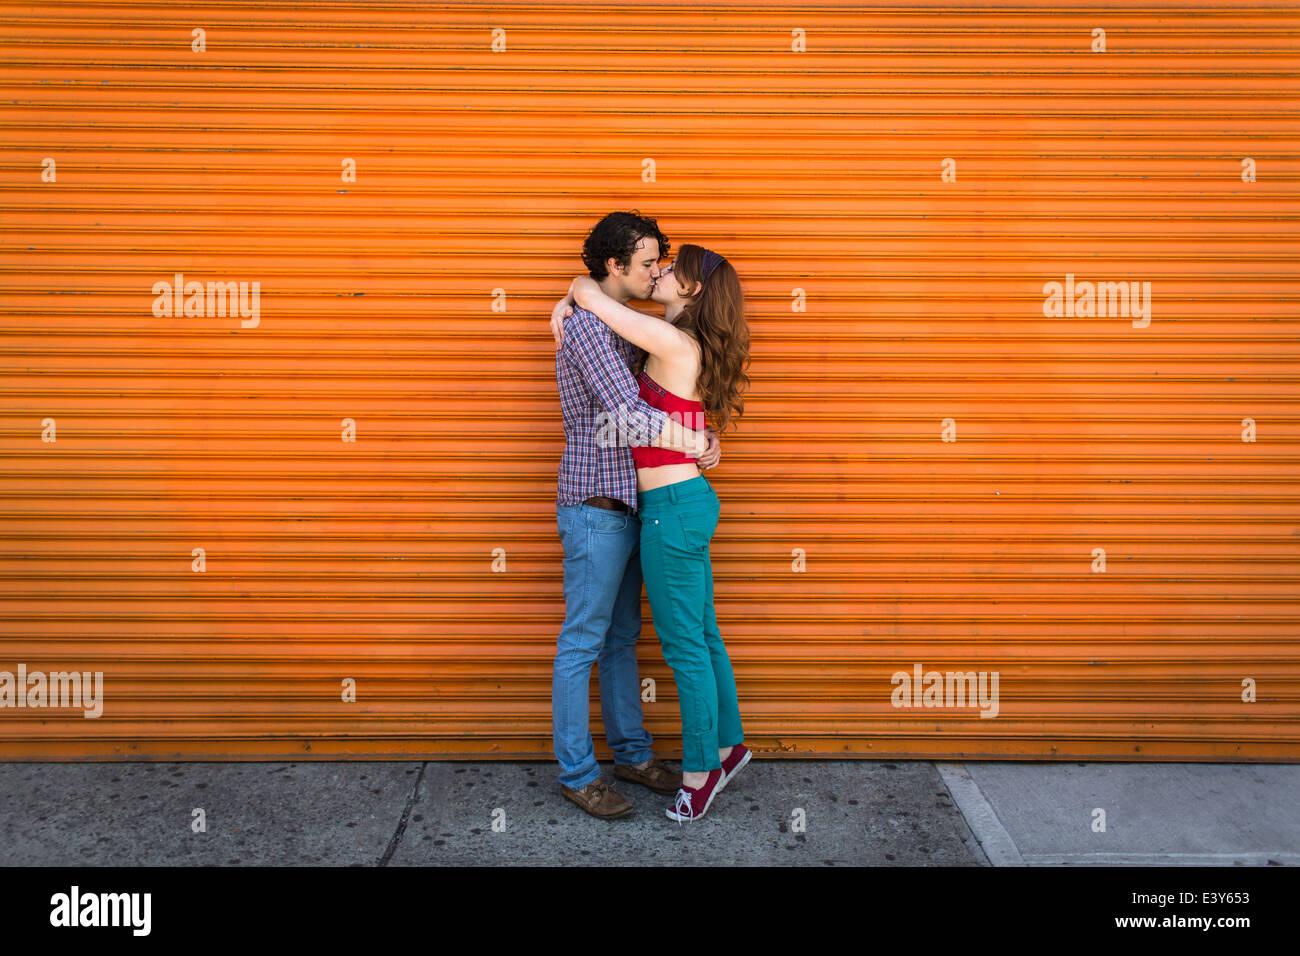 Coppia romantica baciare davanti a otturatore arancione Immagini Stock